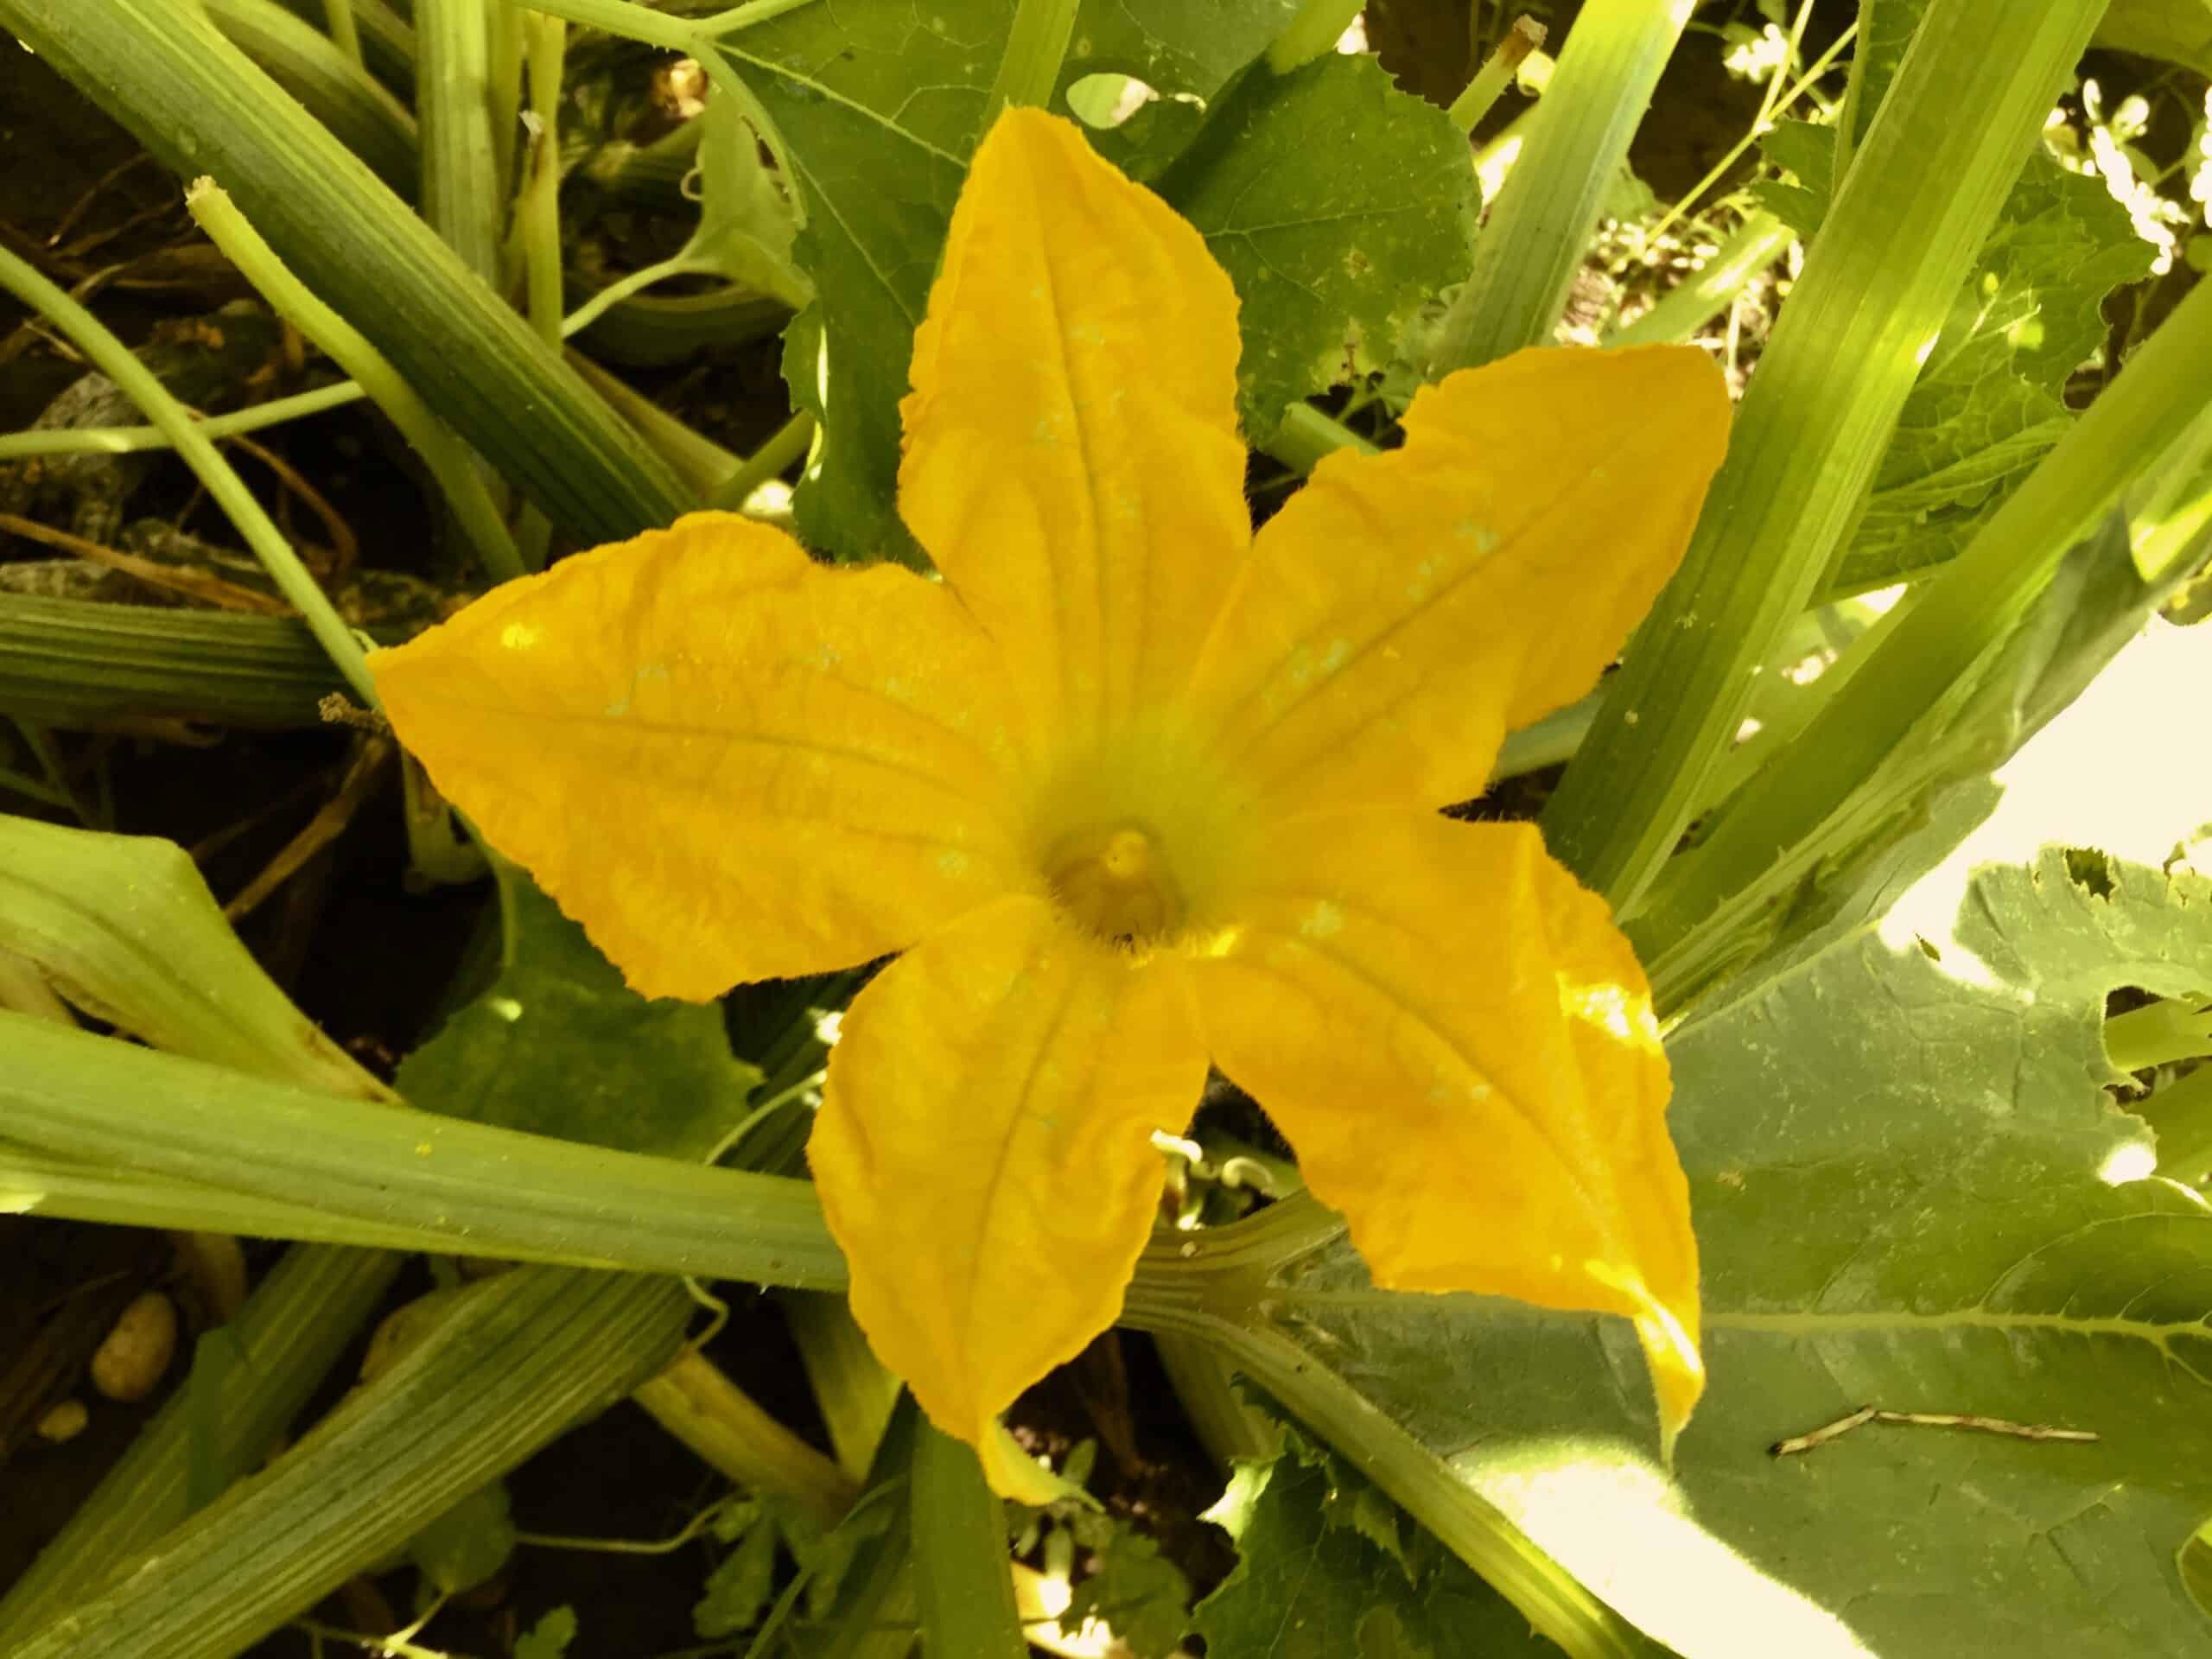 cukinijos gėlė ant augalo